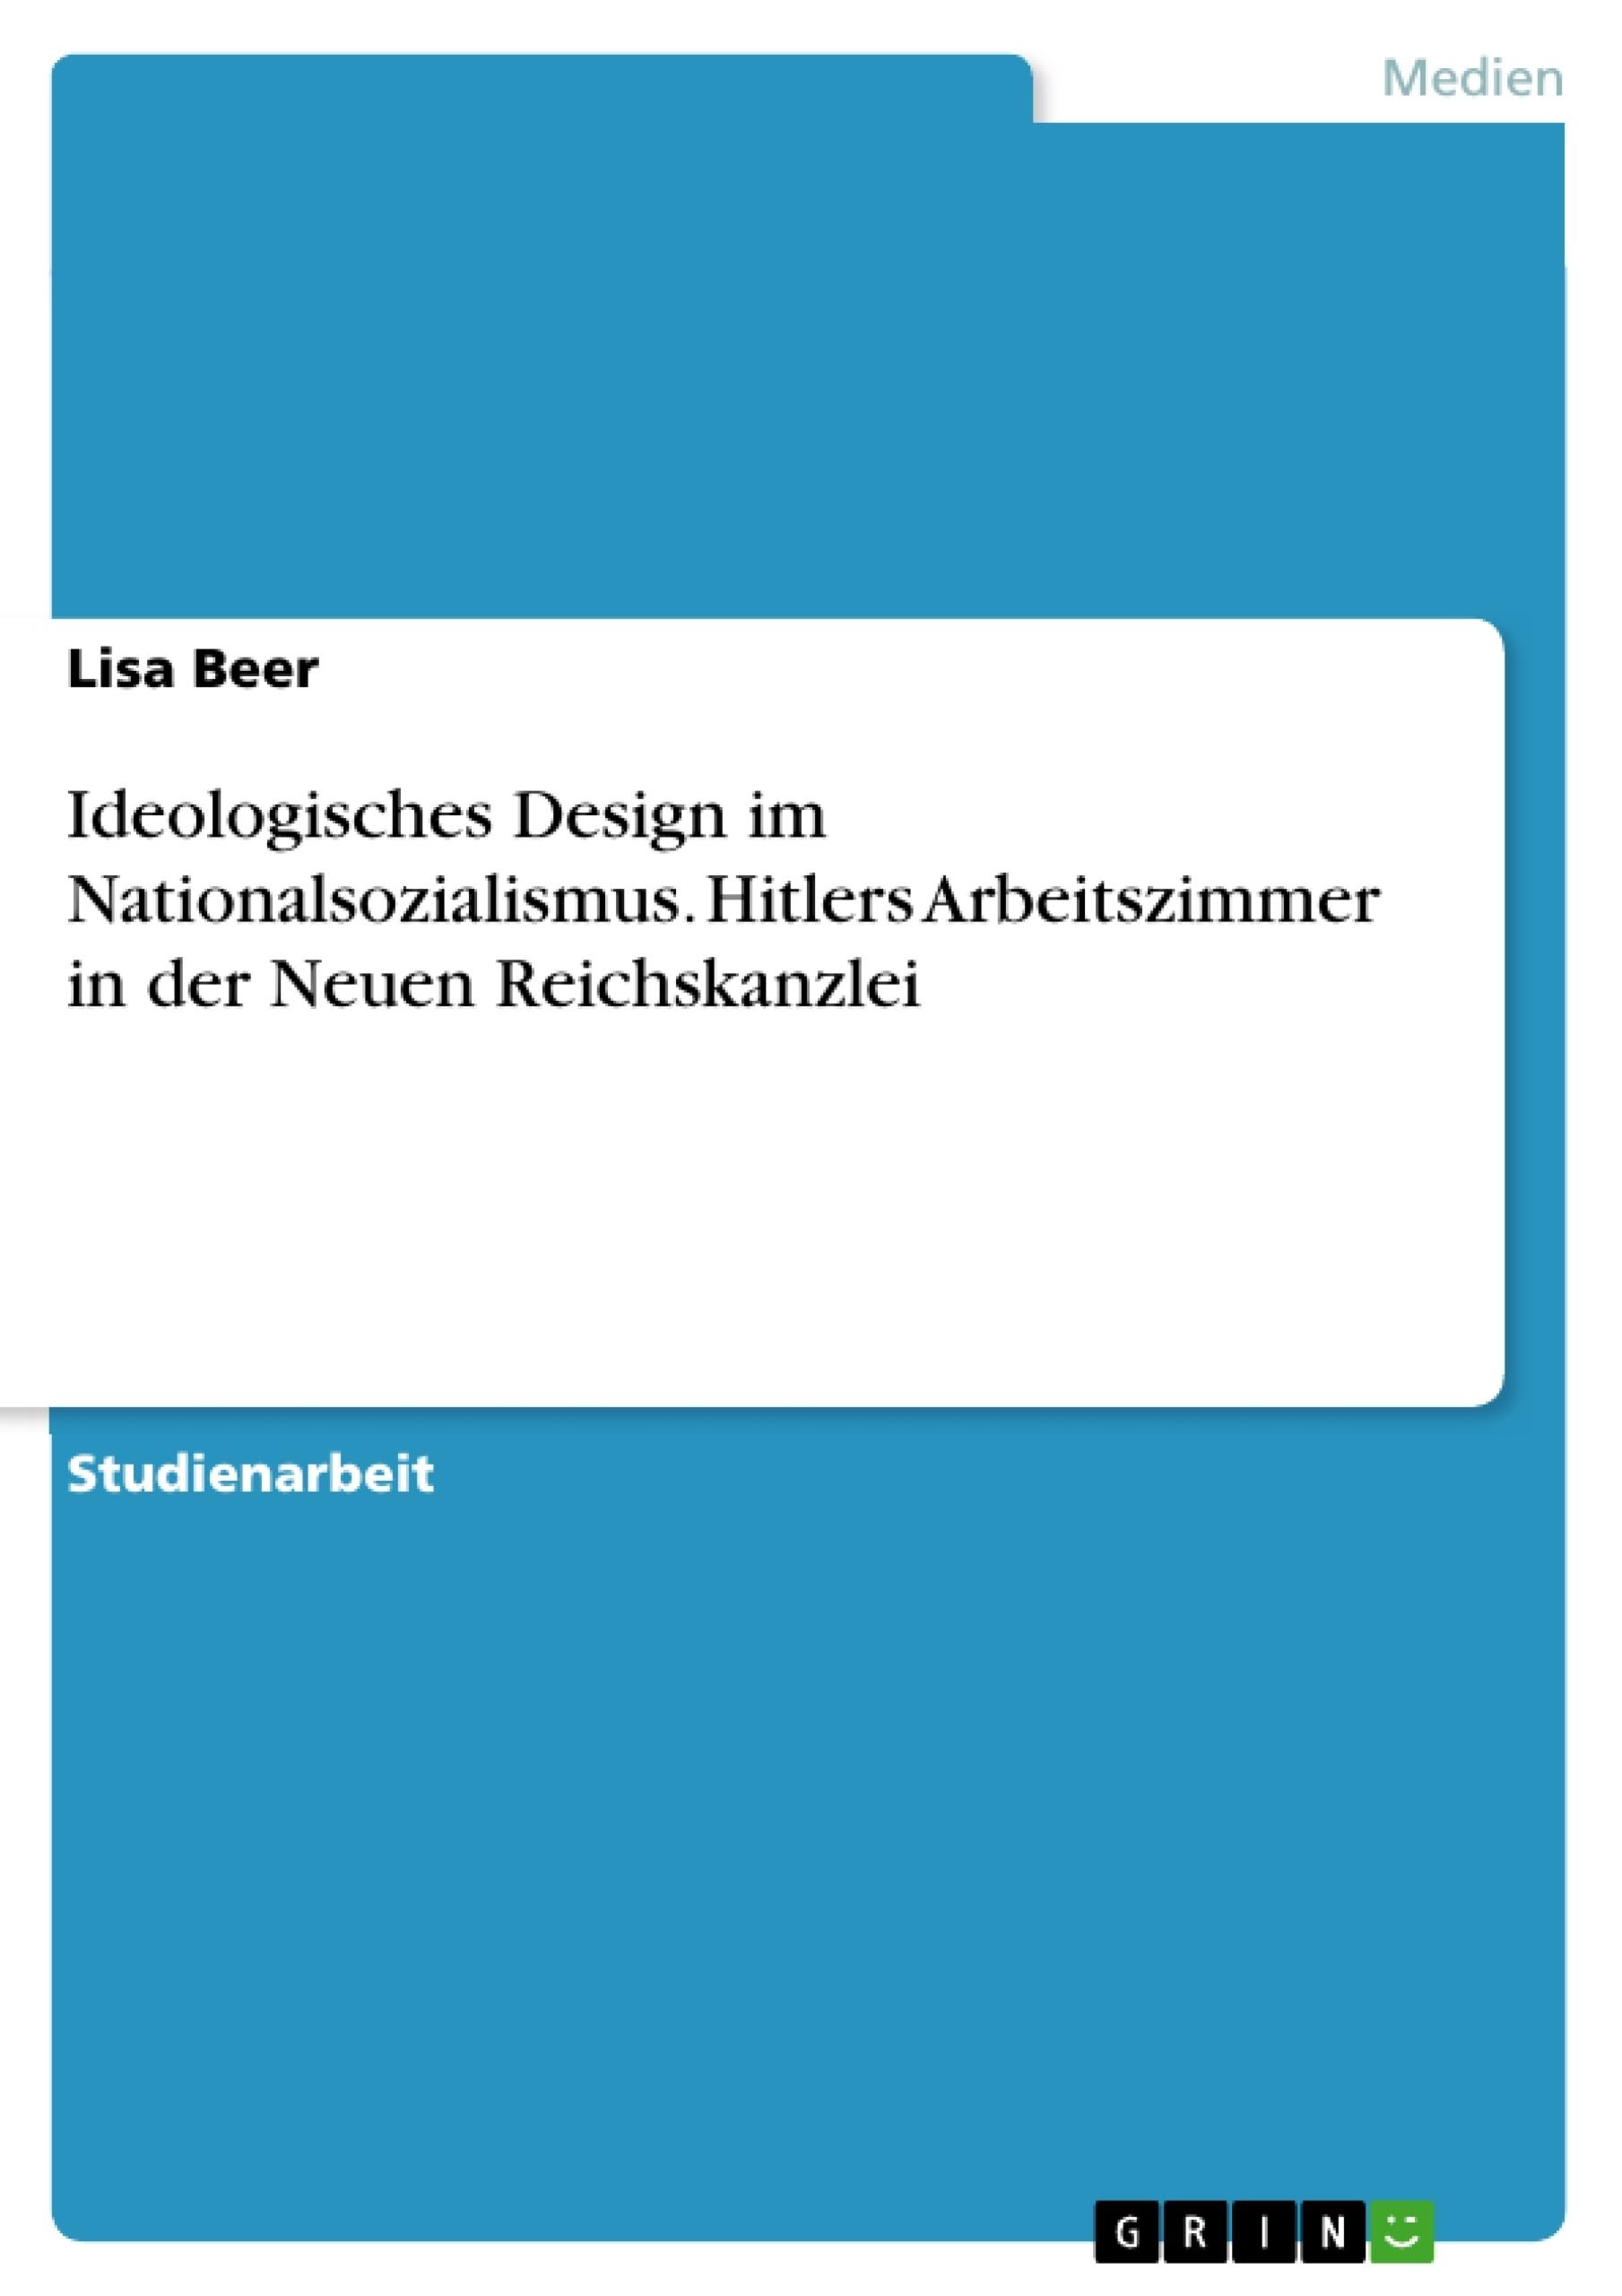 Titel: Ideologisches Design im Nationalsozialismus. Hitlers Arbeitszimmer in der Neuen Reichskanzlei